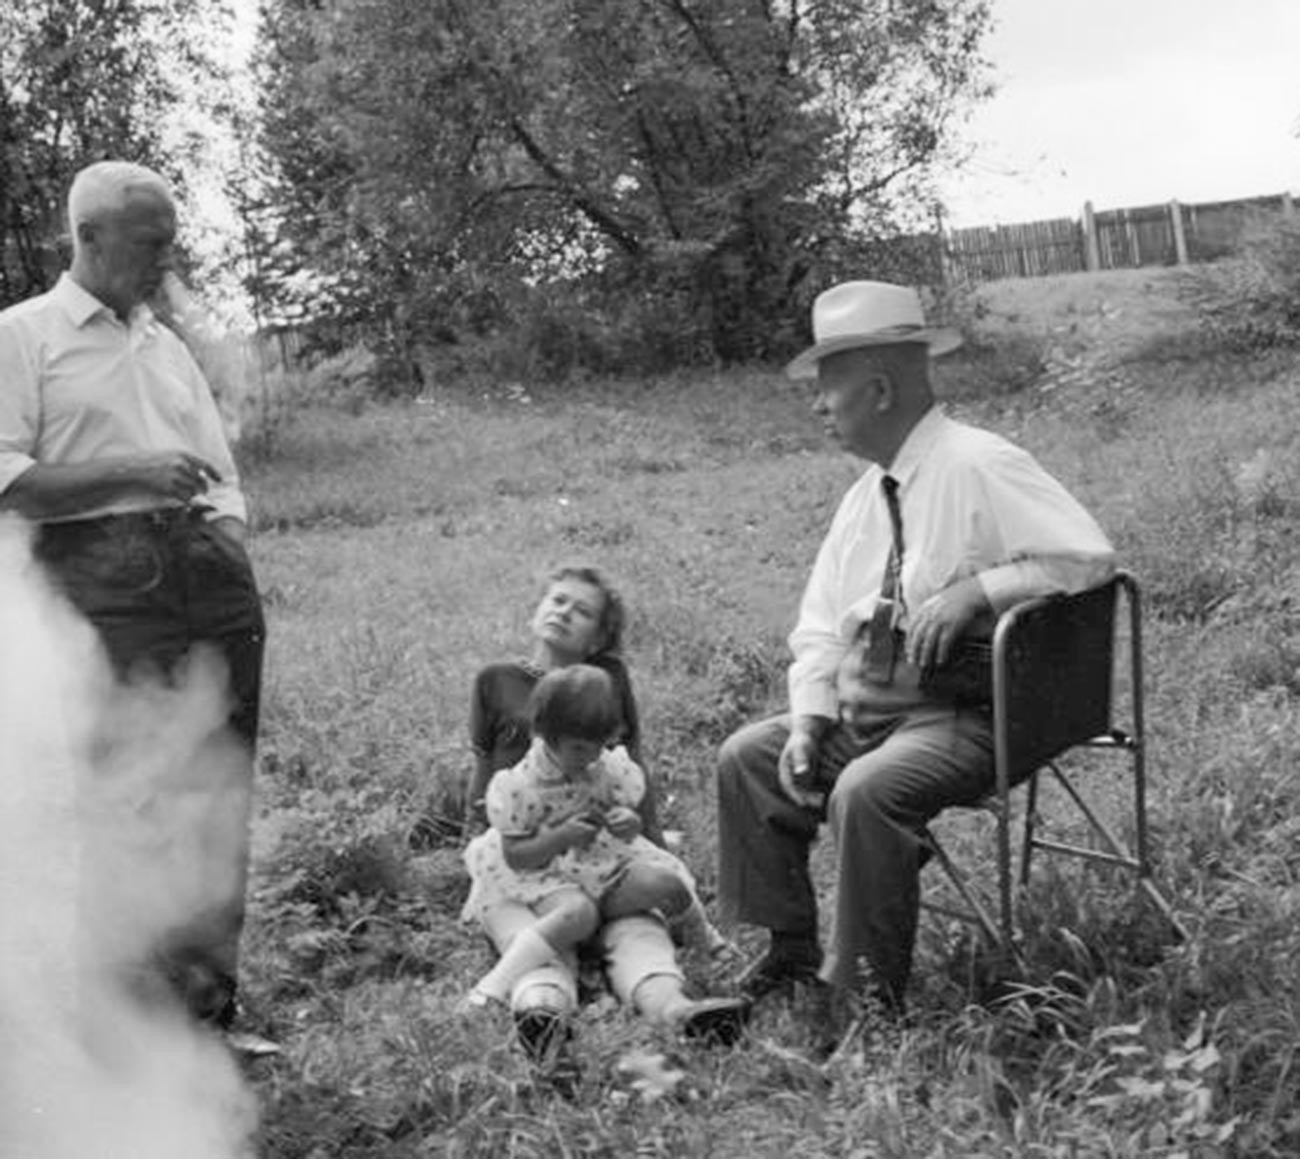 Nikita Jrushchev, Roman Karmen y una mujer desconocida con un niño